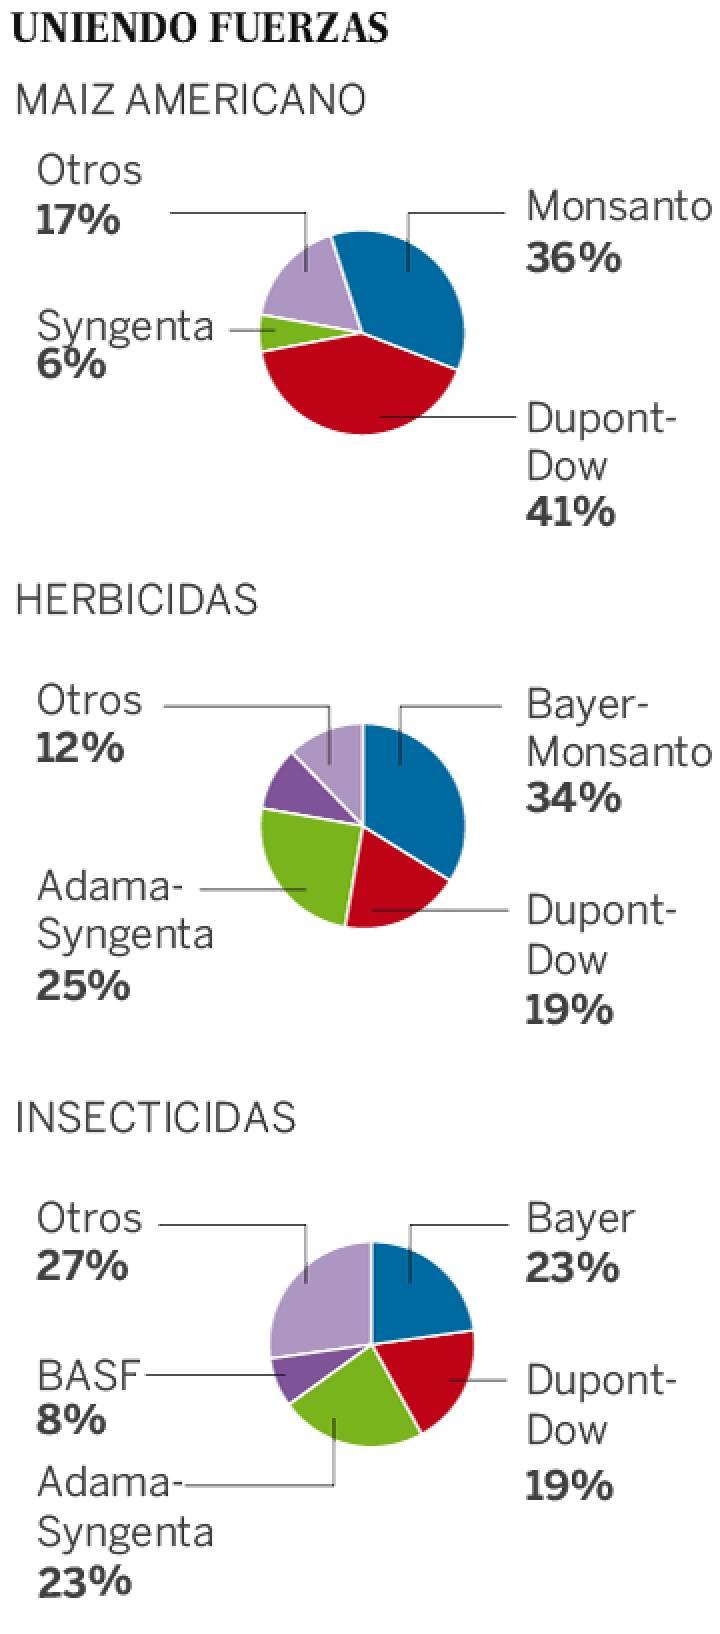 Comida envenenada. Agrotóxicos, transgénicos, transnacionales... - Página 3 1474016648_367635_1474046277_sumario_normal_recorte1